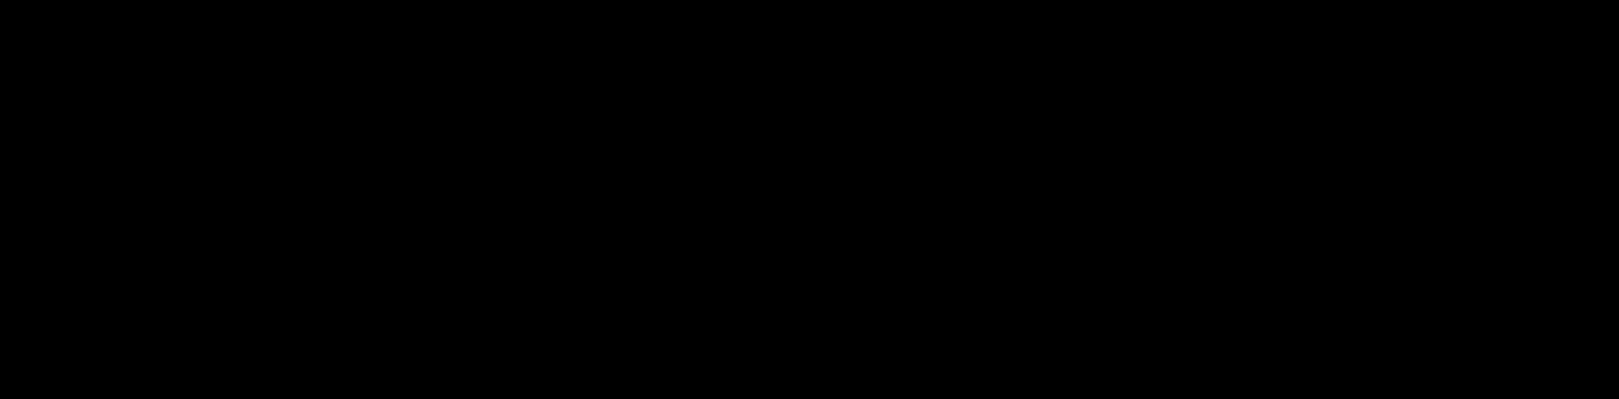 Schauspielerdatenbank